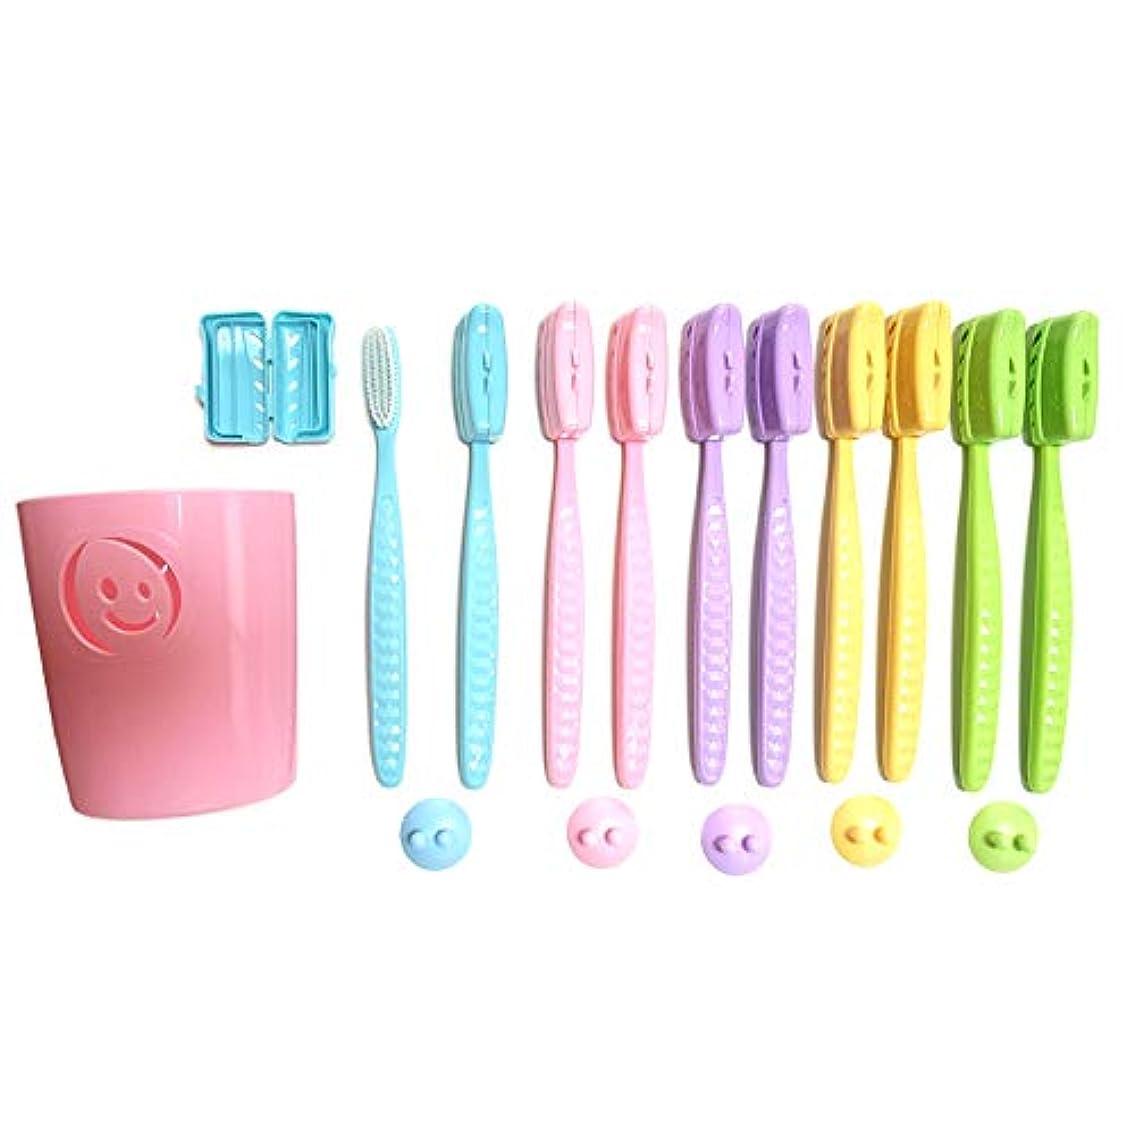 証明書メンター密接にプレミアムケア ハブラシ 大きいヘッド ジャンボ 超やわらかめ 歯ブラシ セット / ハブラシ10本 + ハブラシカバー10本 + 壁掛けホルダー5本 + カップ1本 Toothbrush Set [並行輸入品]